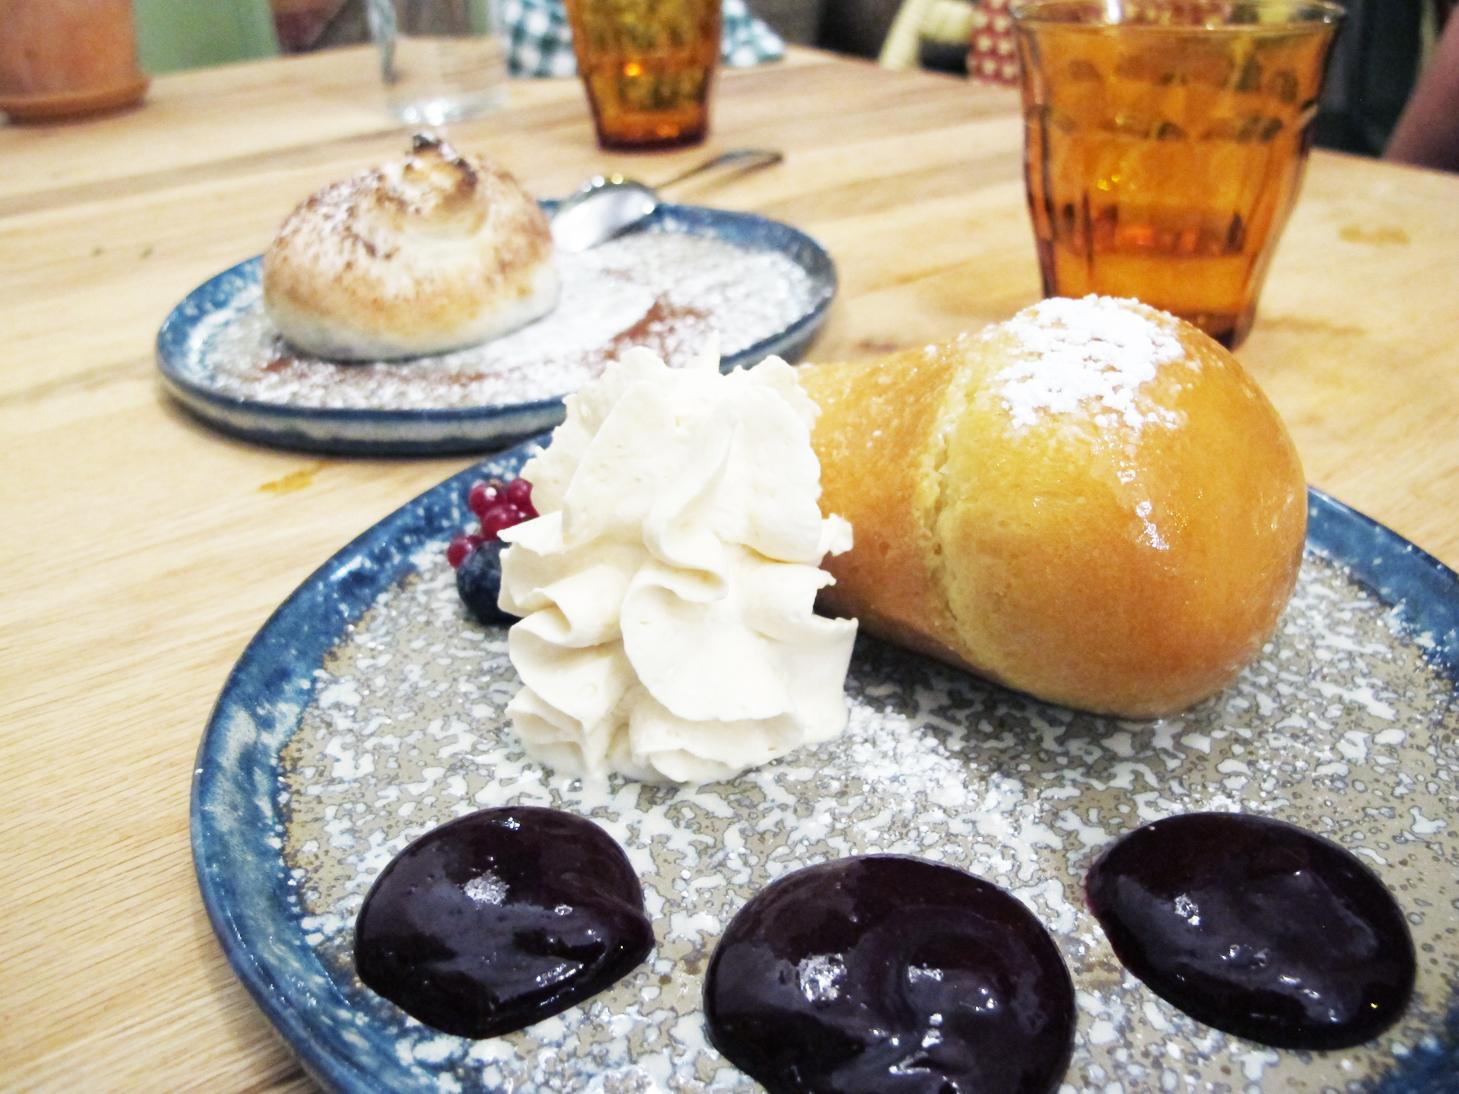 Babá al rum, un clásico de la pastelería napolitana para chuparse los dedos.